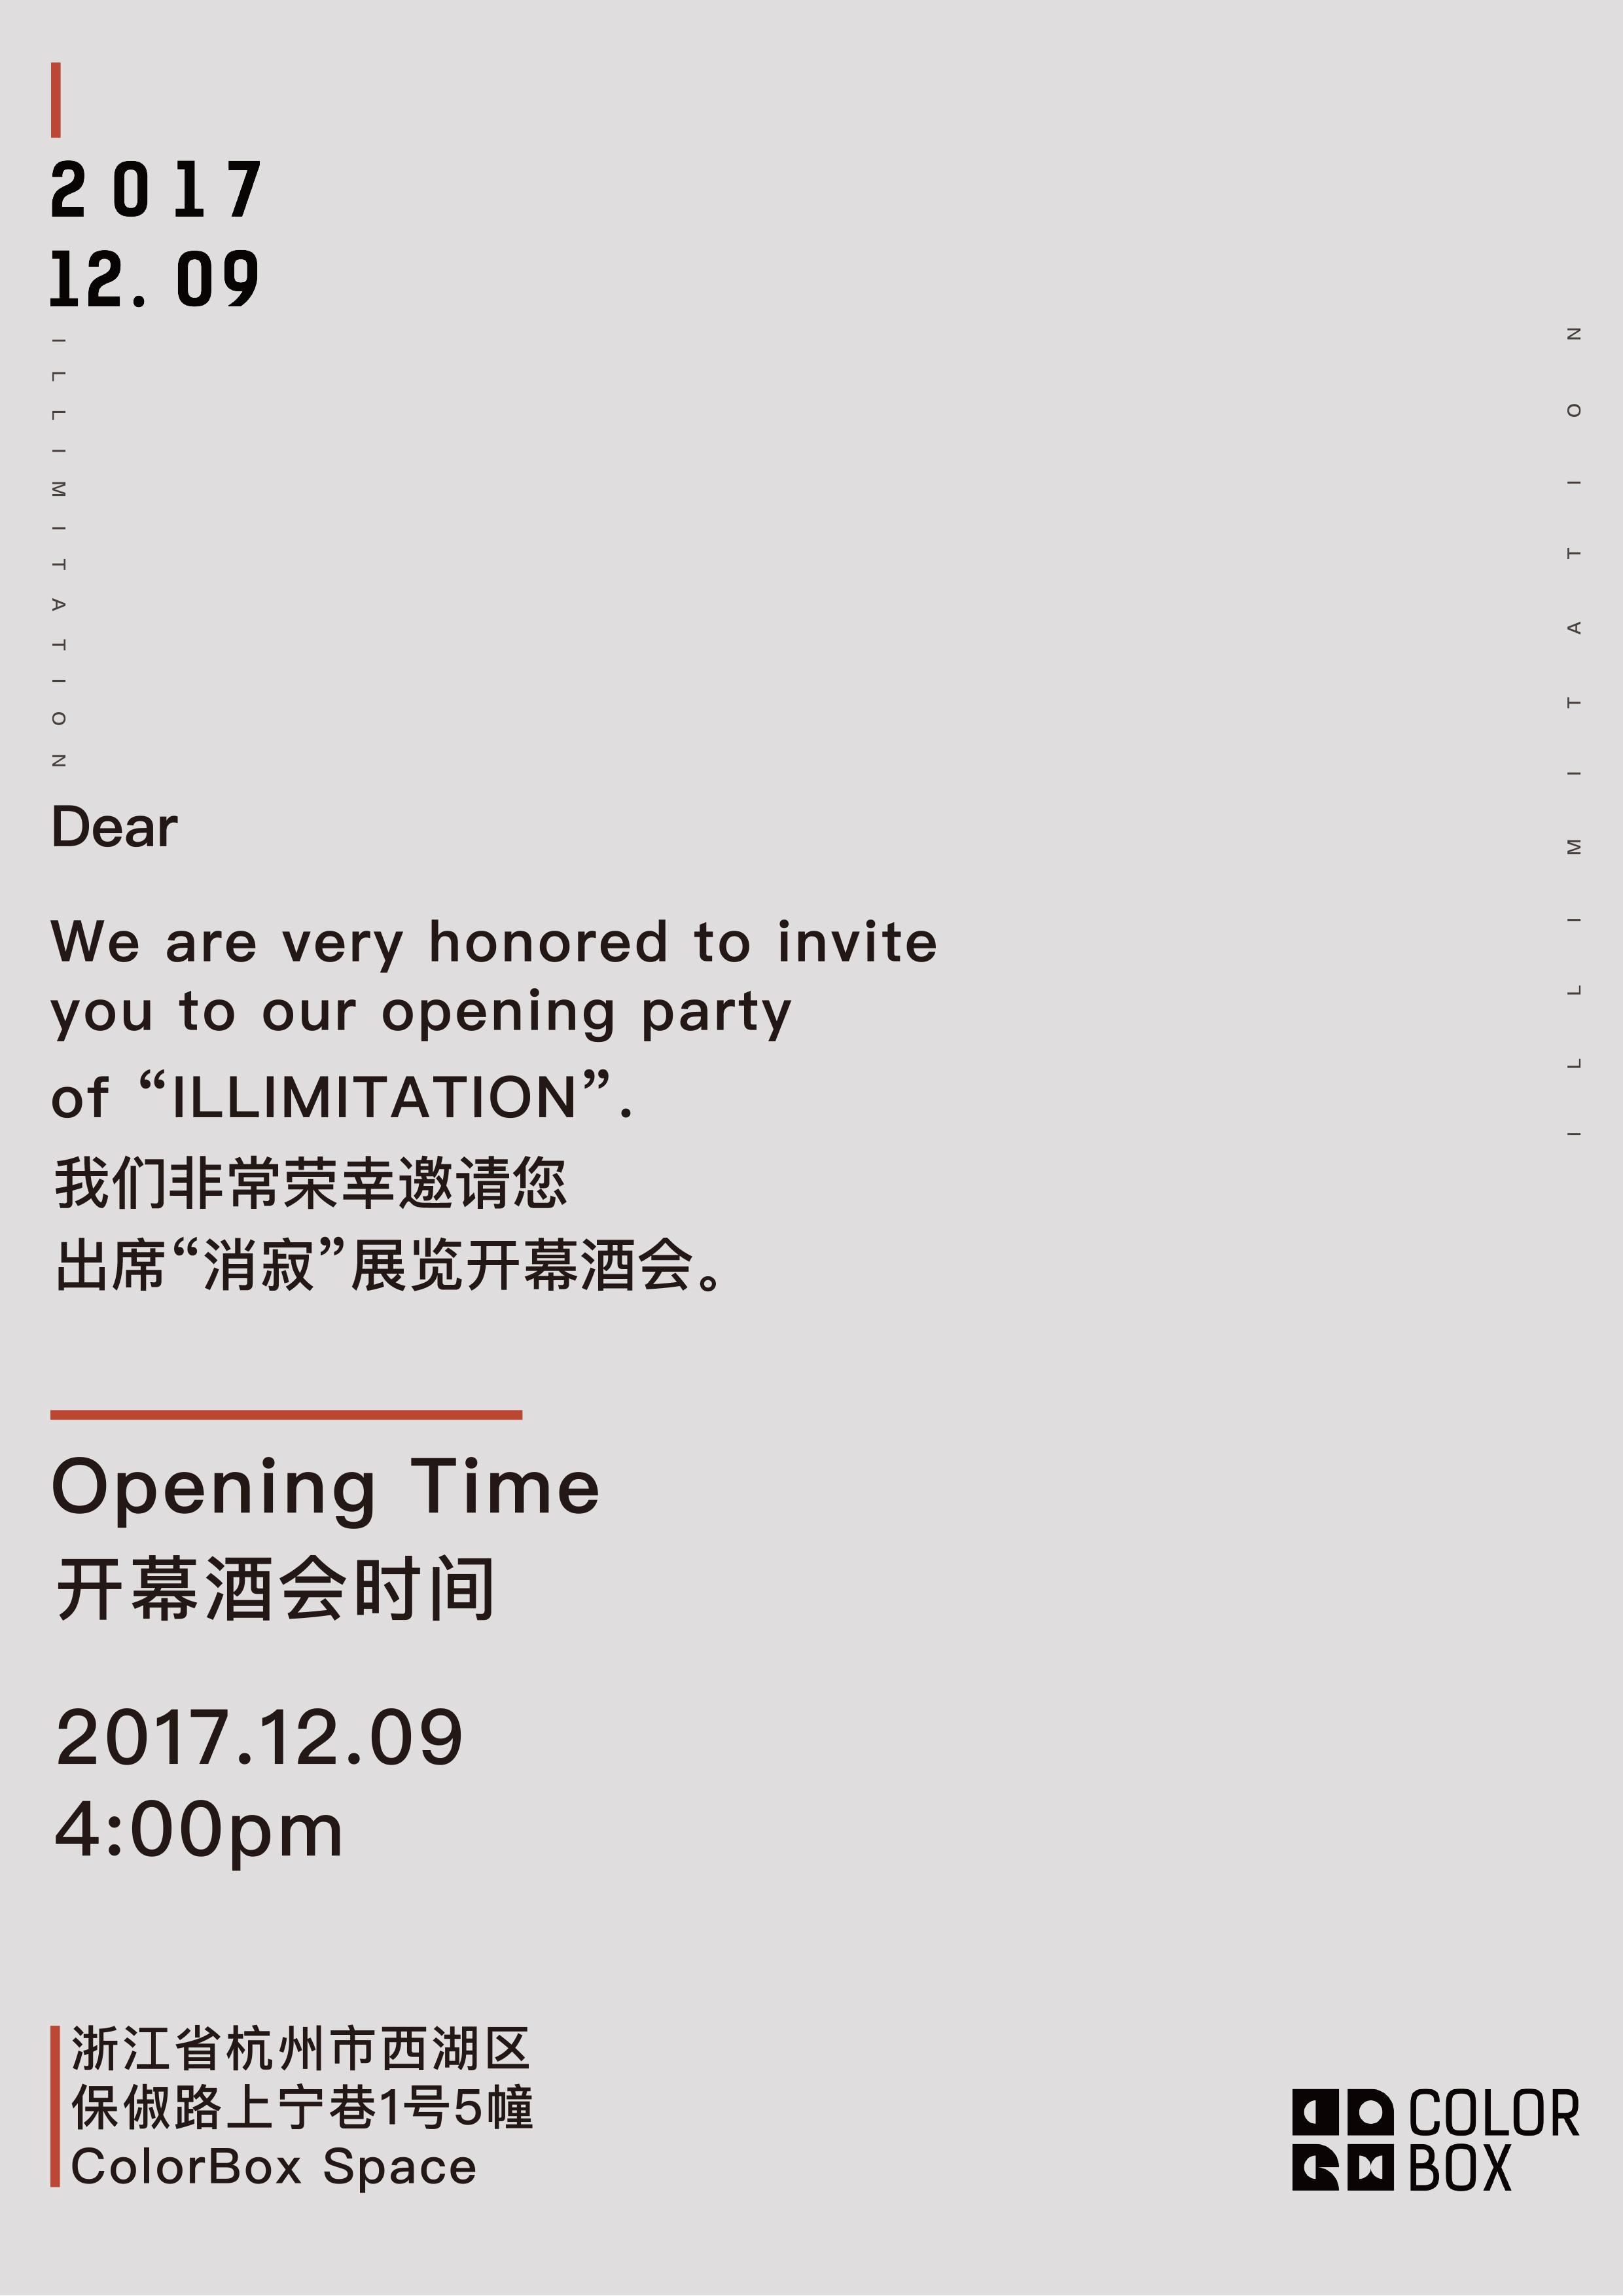 邀请函3.jpg